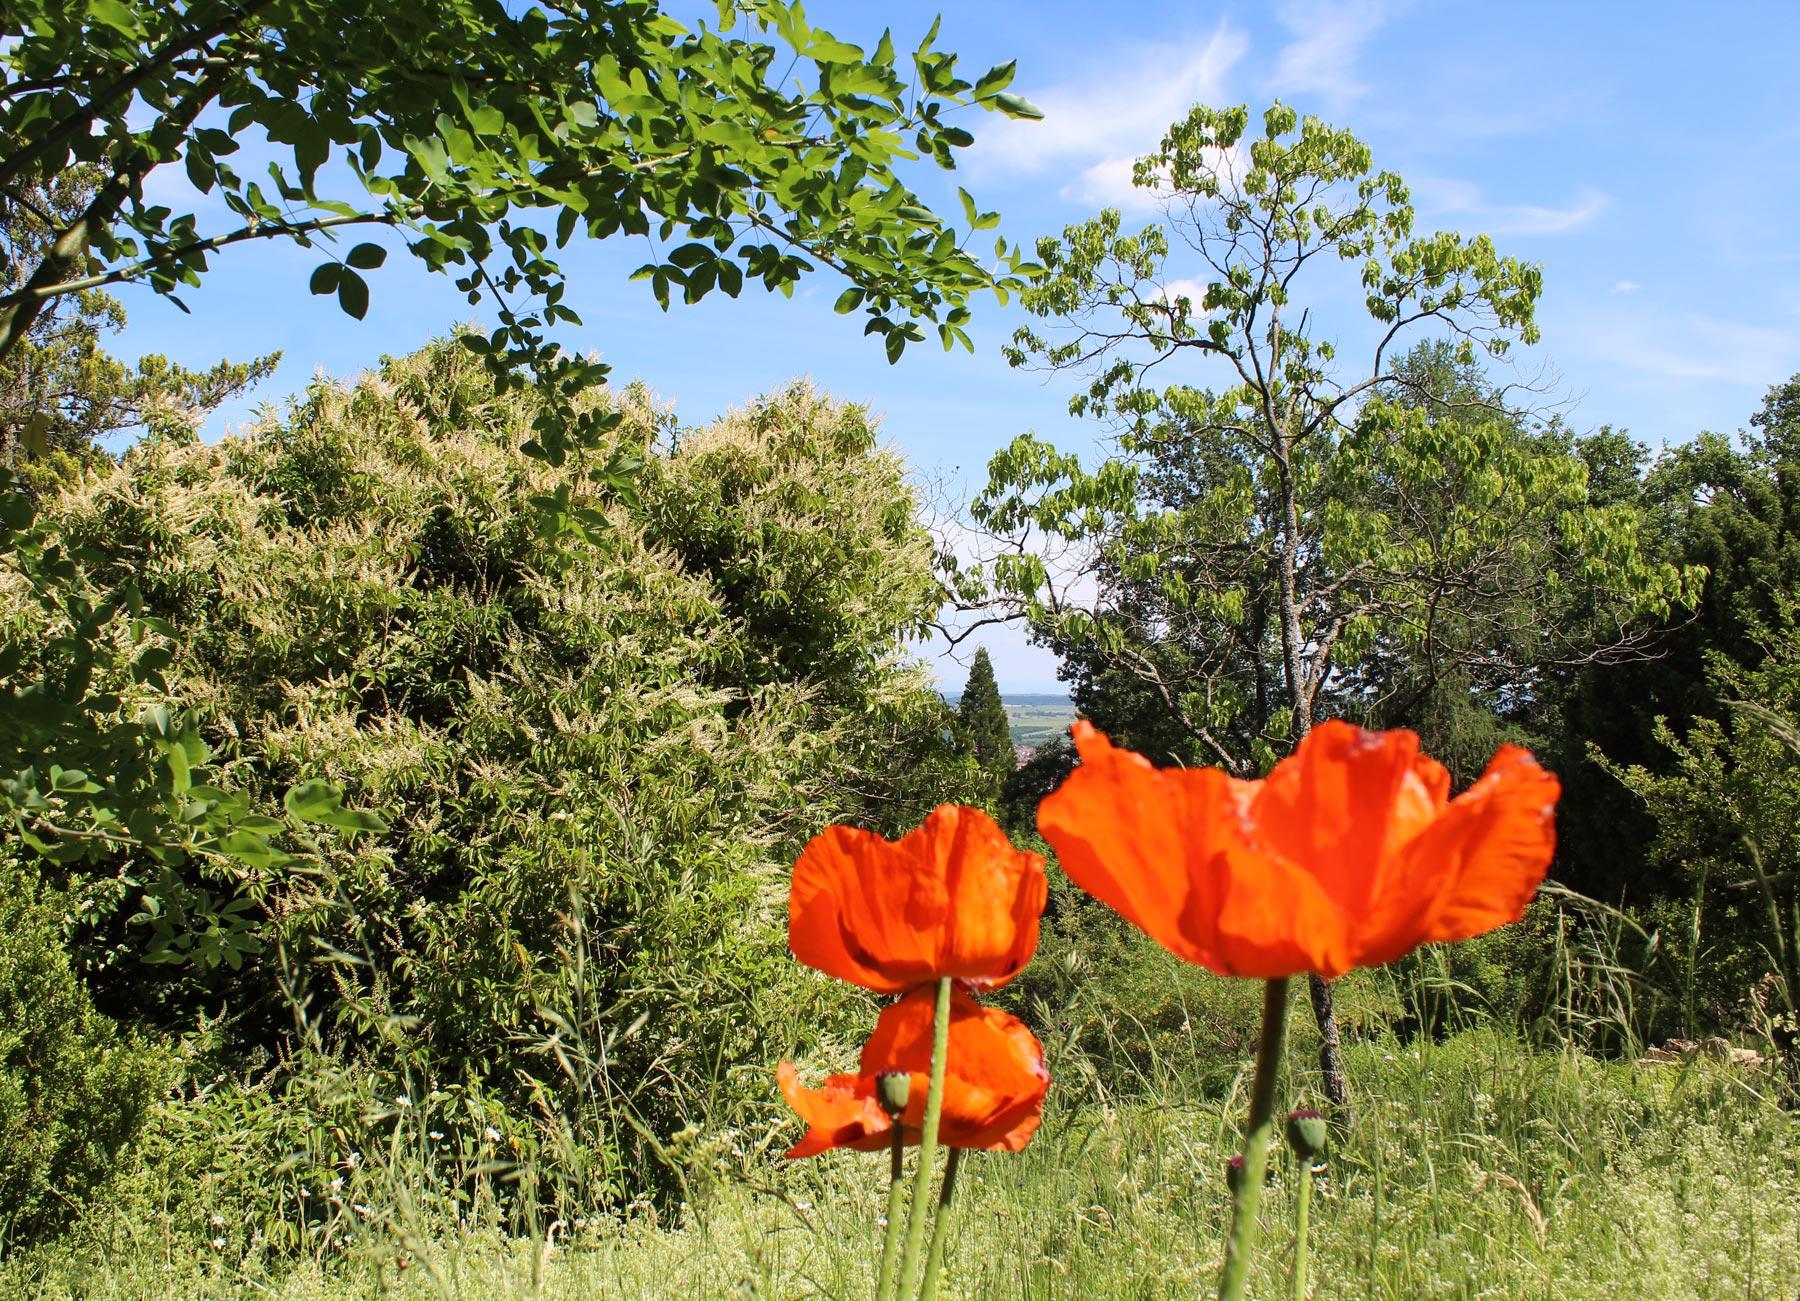 Office de tourisme du pays de saverne jardin botanique for Amis du jardin botanique